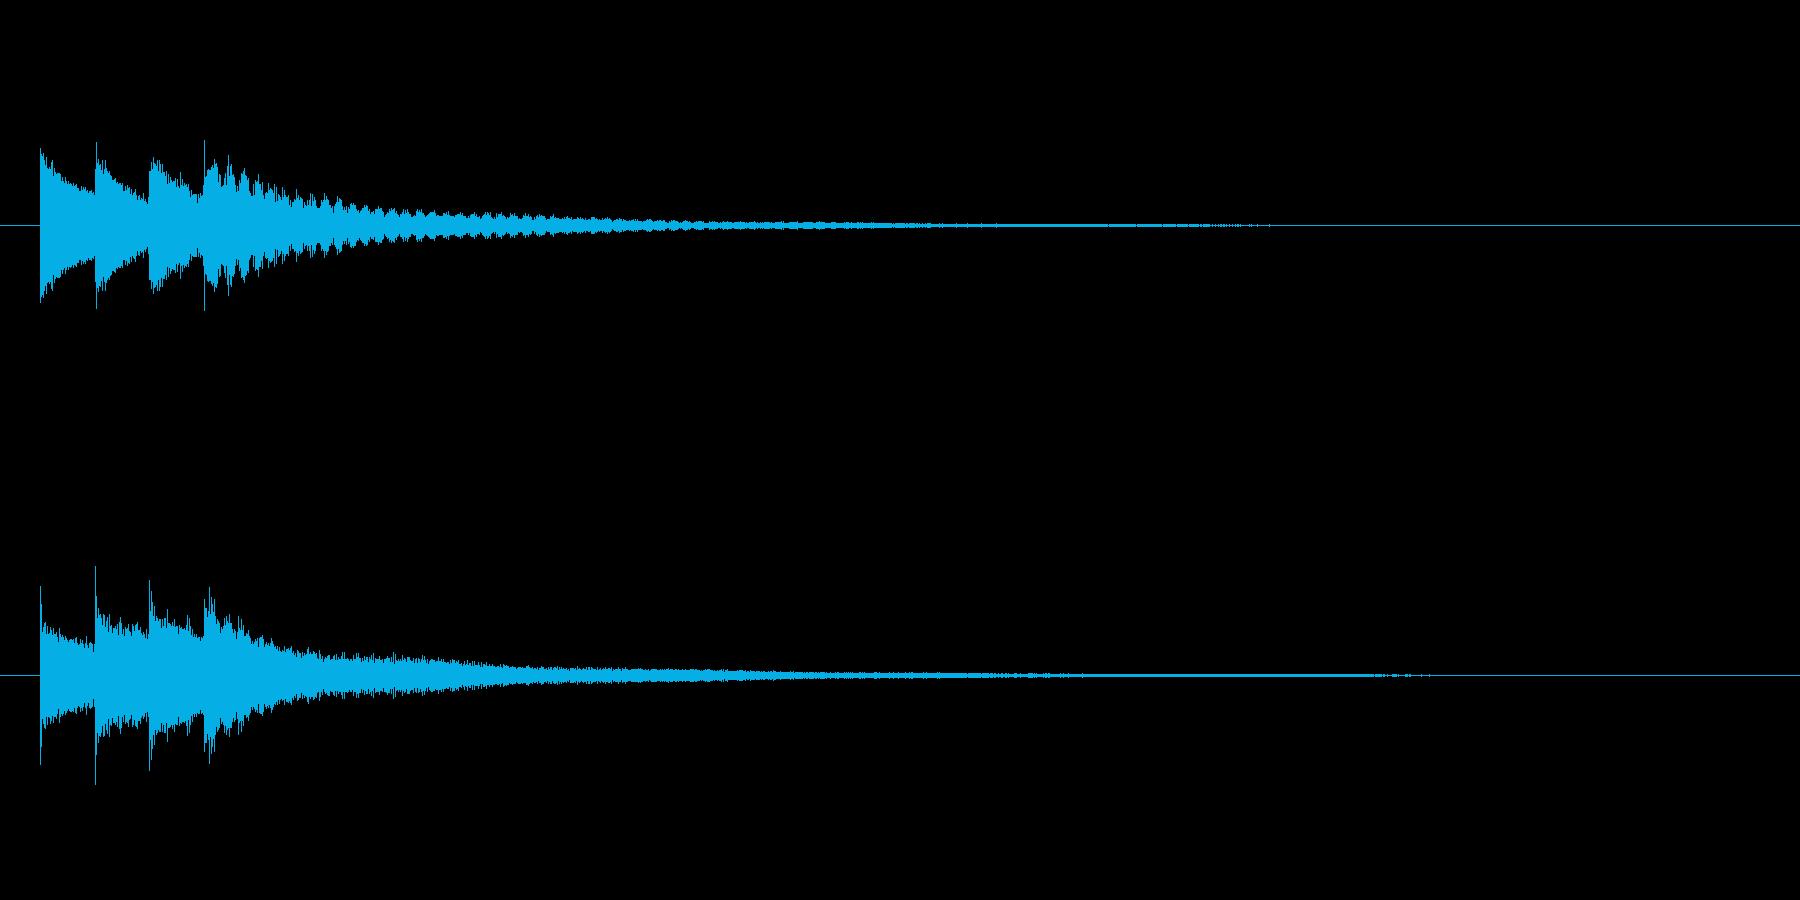 キラキラーン/クロタル(鐘)キラキラ音の再生済みの波形